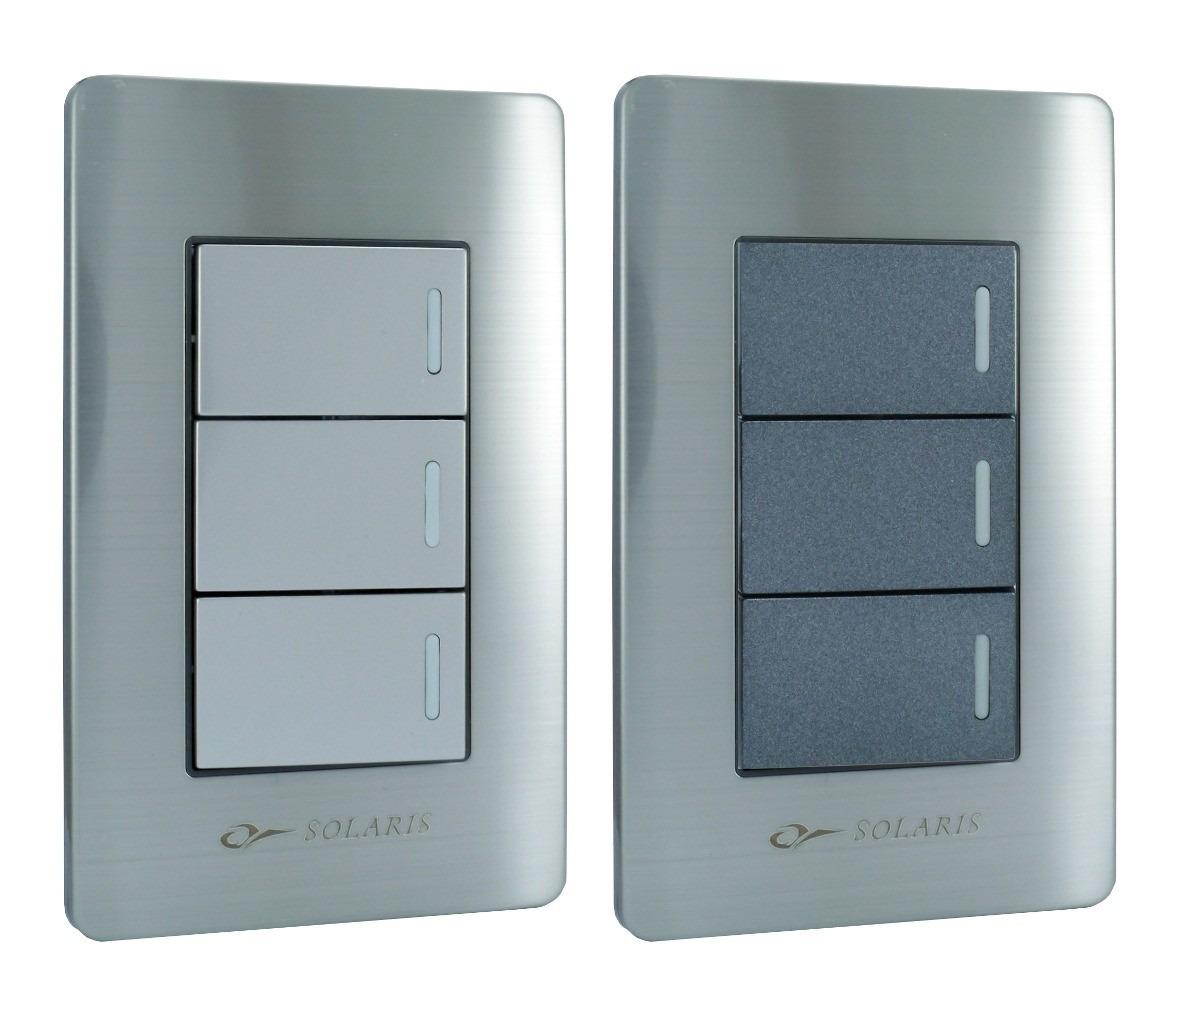 Contactos y apagadores placas armadas en acero inoxidable - Placa de acero inoxidable ...